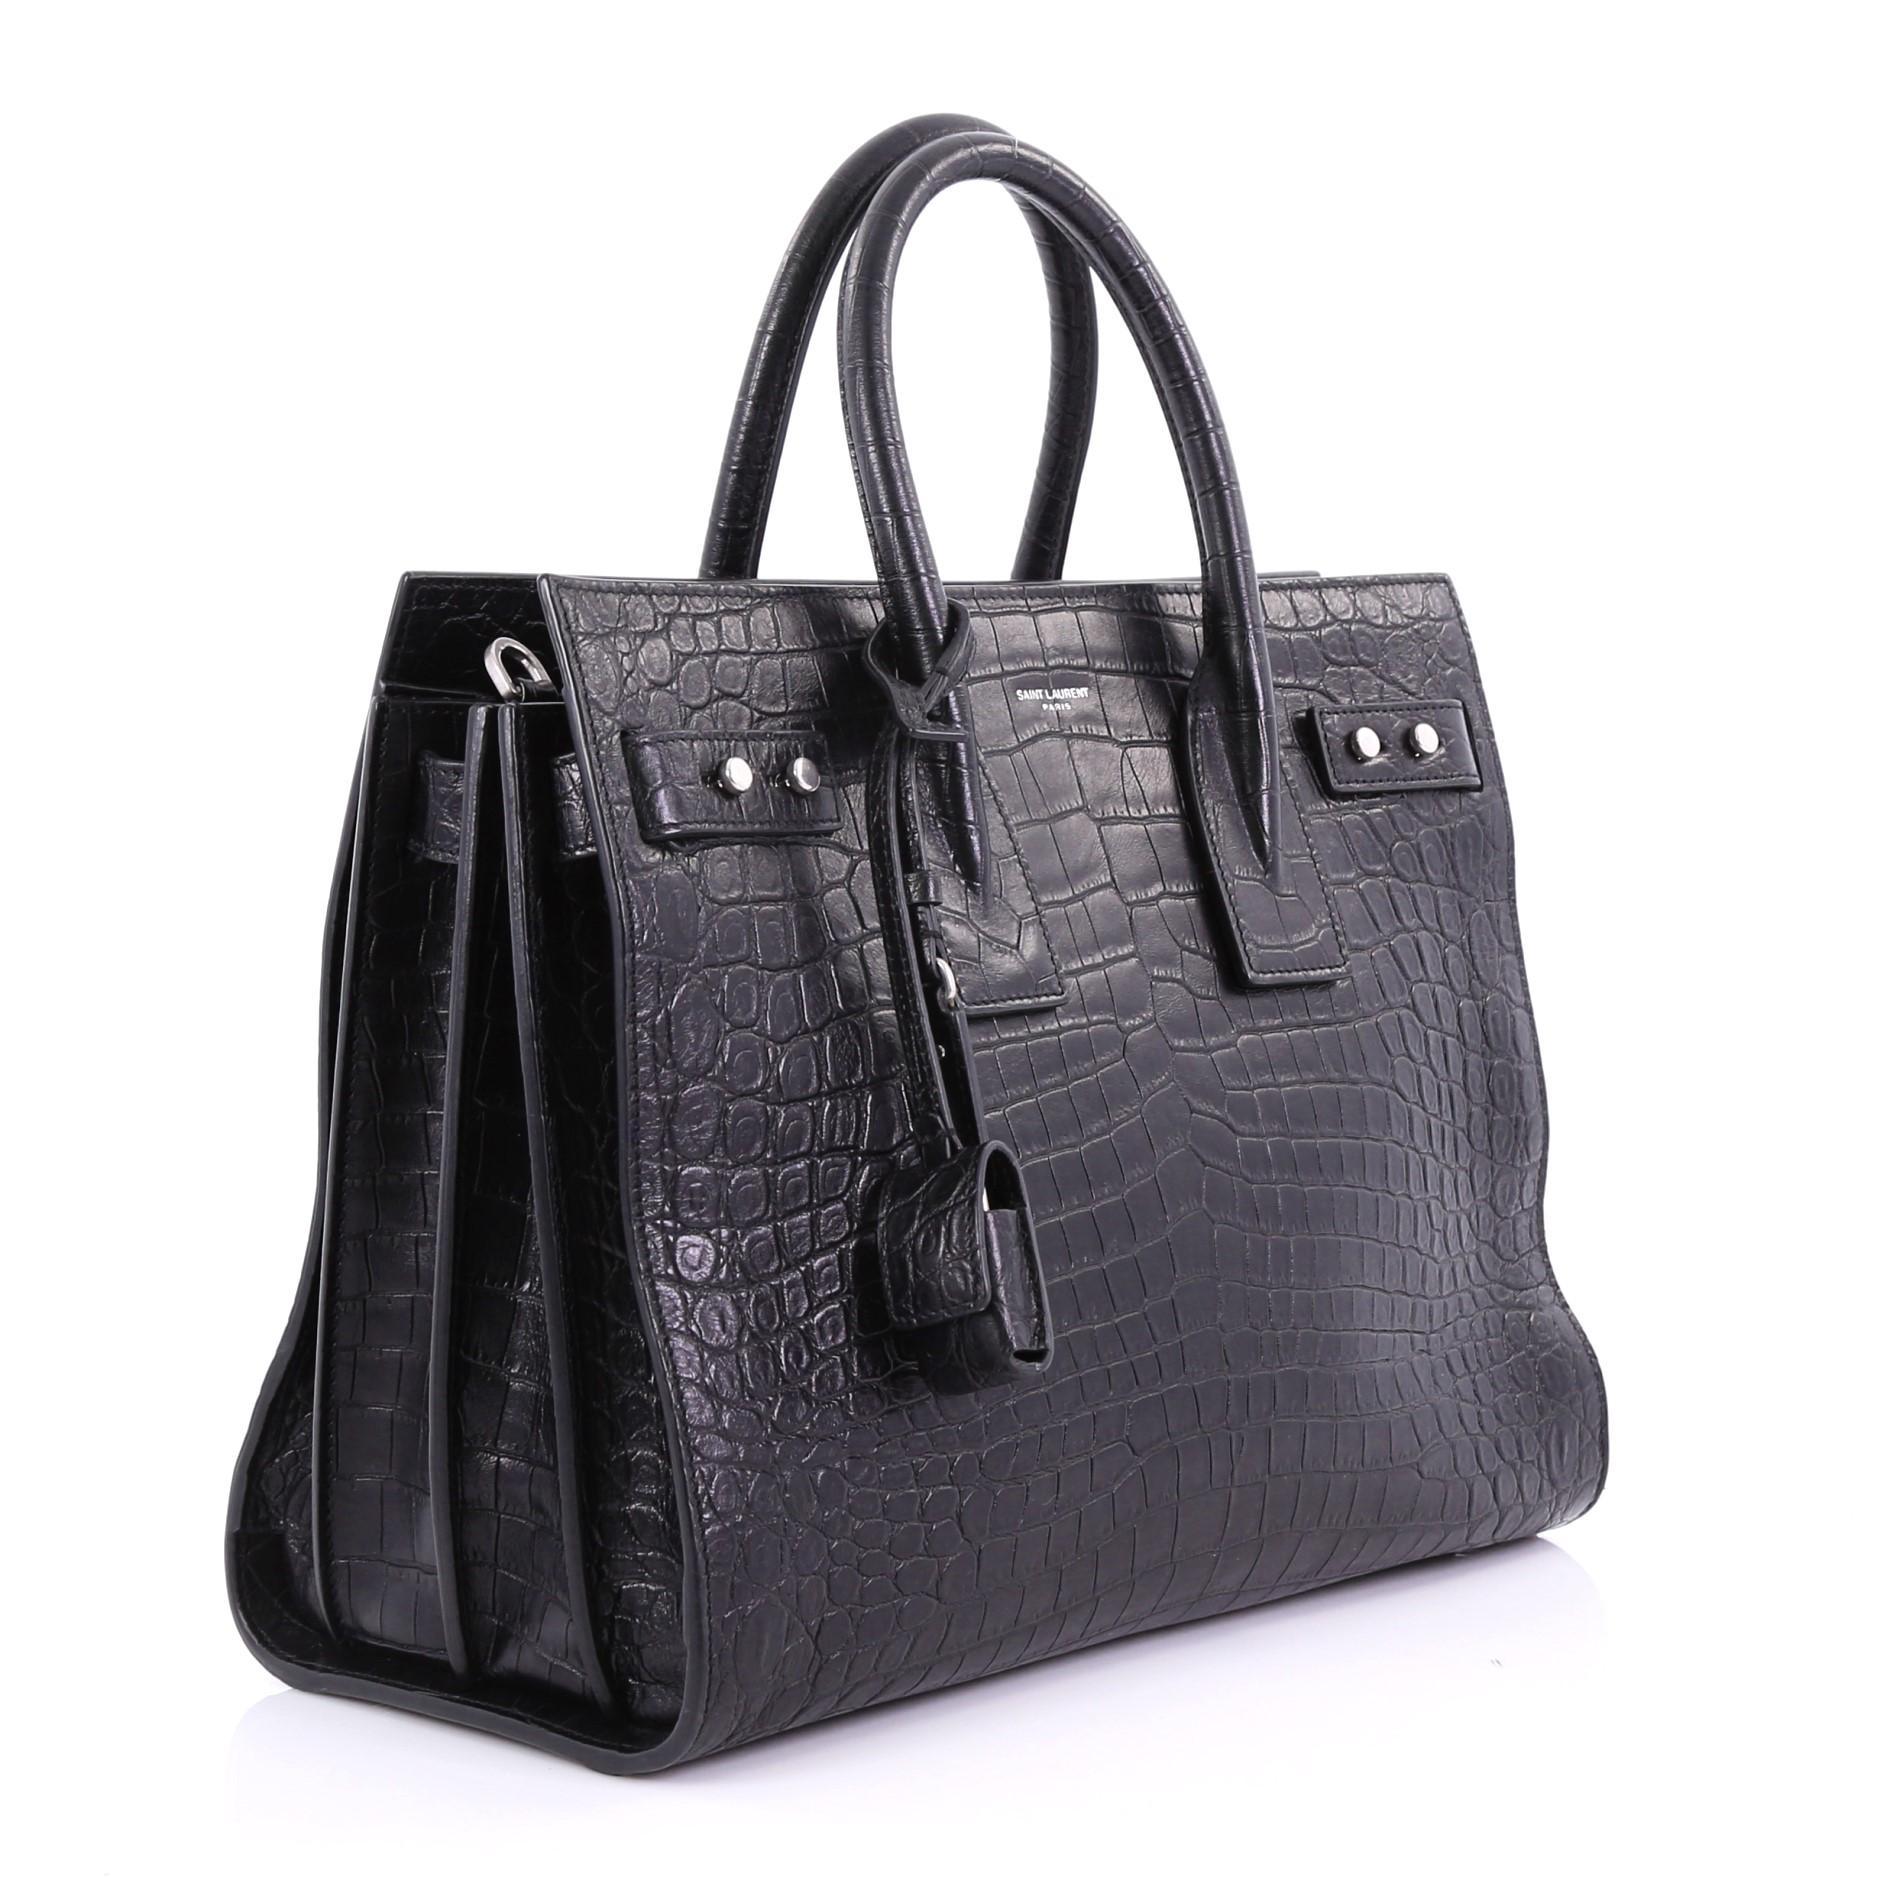 6b17829d67 Saint Laurent Sac de Jour Souple Bag Crocodile Embossed Leather Small